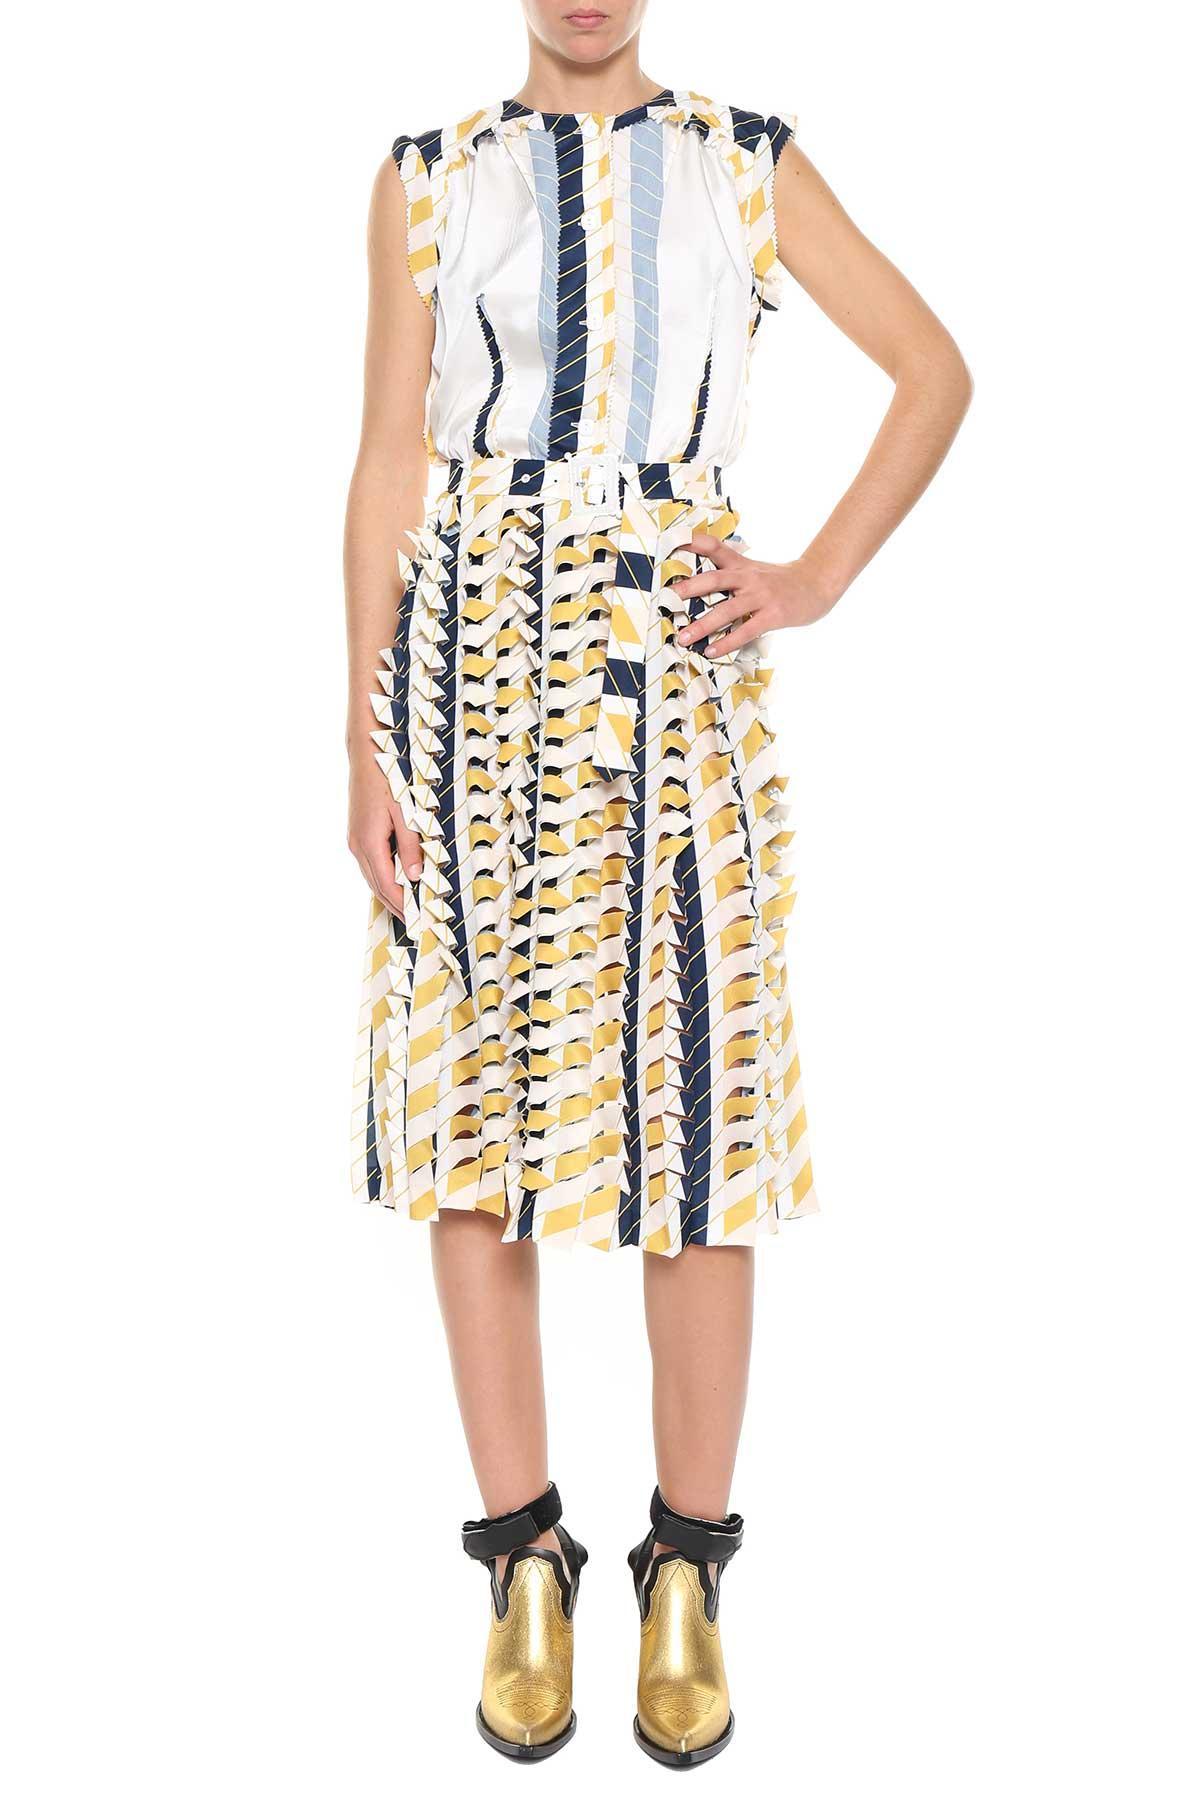 Maison Margiela Printed Midi Dress In Multicolor